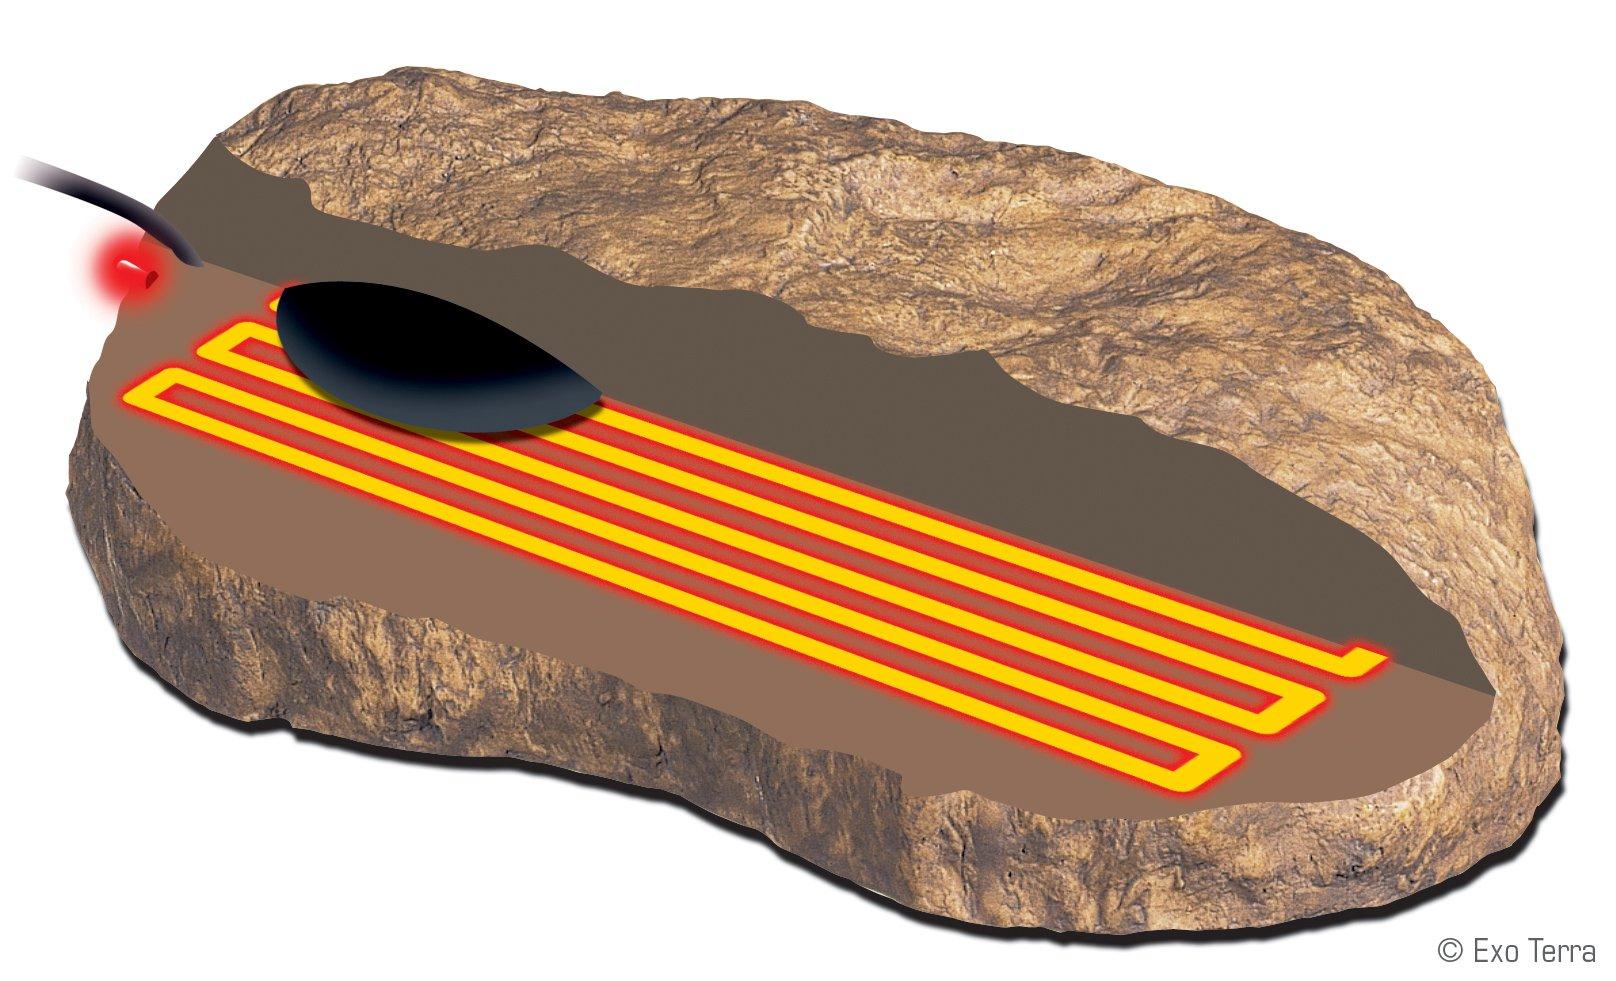 Exo Terra Heatwave Rock, Ul Listed, Large by Exo Terra